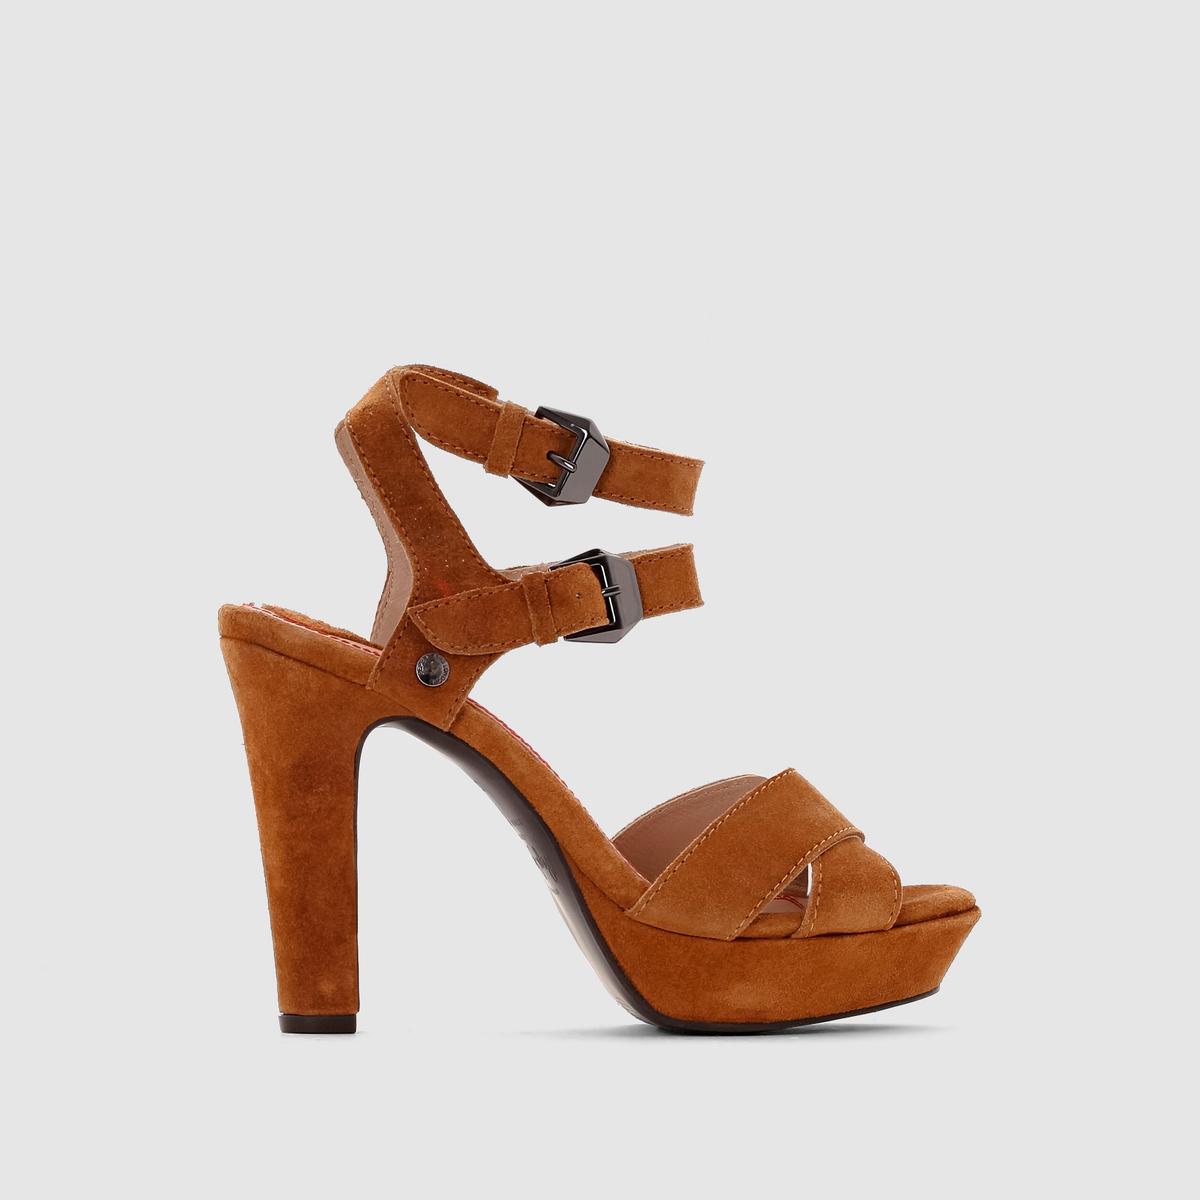 Босоножки Andy WoodБосоножки из кожи на каблукеAndy WoodWOOD PEPE JEANS      Верх  : замша, яловичная кожа   Подкладка  : козья кожаСтелька  : кожа.   Подошва  : из эластомера. Застежка   : ремешок с пряжкой.Высота каблука   : 11 см  Замша, очень женственные ремешки, облегающие ногу, оптимальная высота каблука и дизайн в стиле рок  :  стиль от Pepe Jeans виден с первого взгляда, наслаждайтесь им все лето напролет  !<br><br>Цвет: темно-коричневый